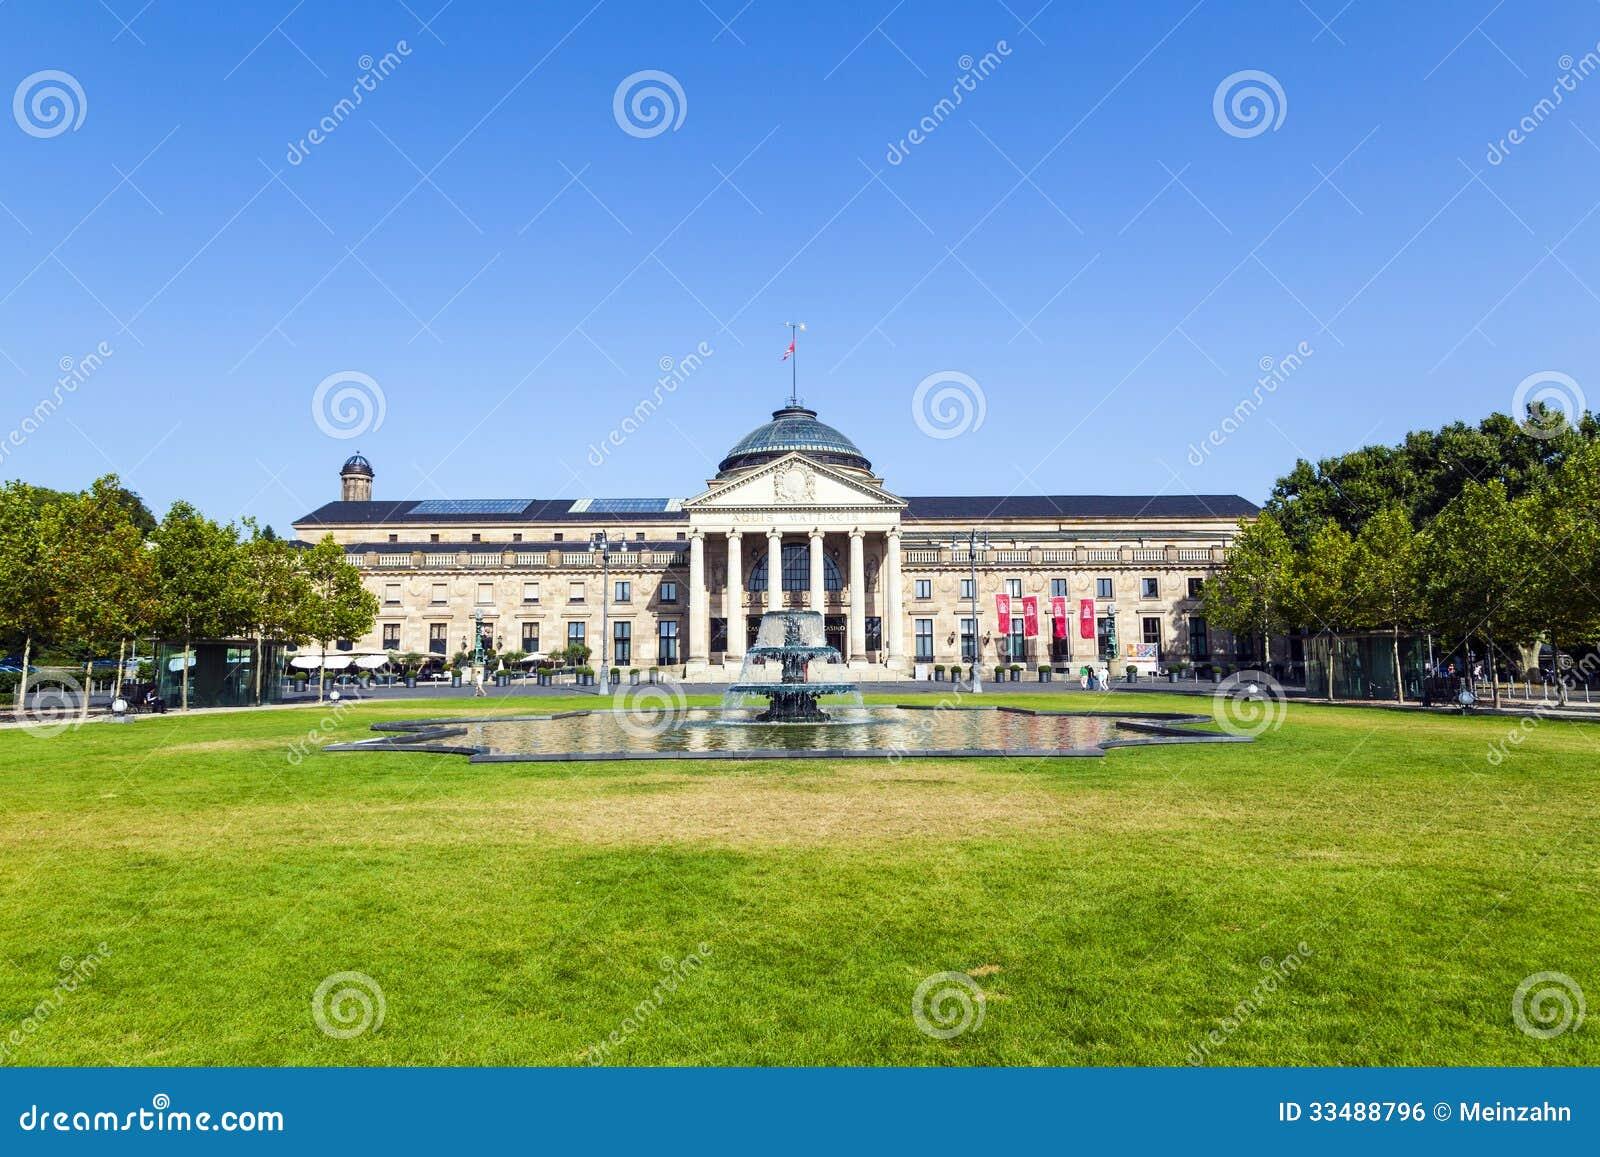 Kasyno w Wiesbaden, Niemcy/